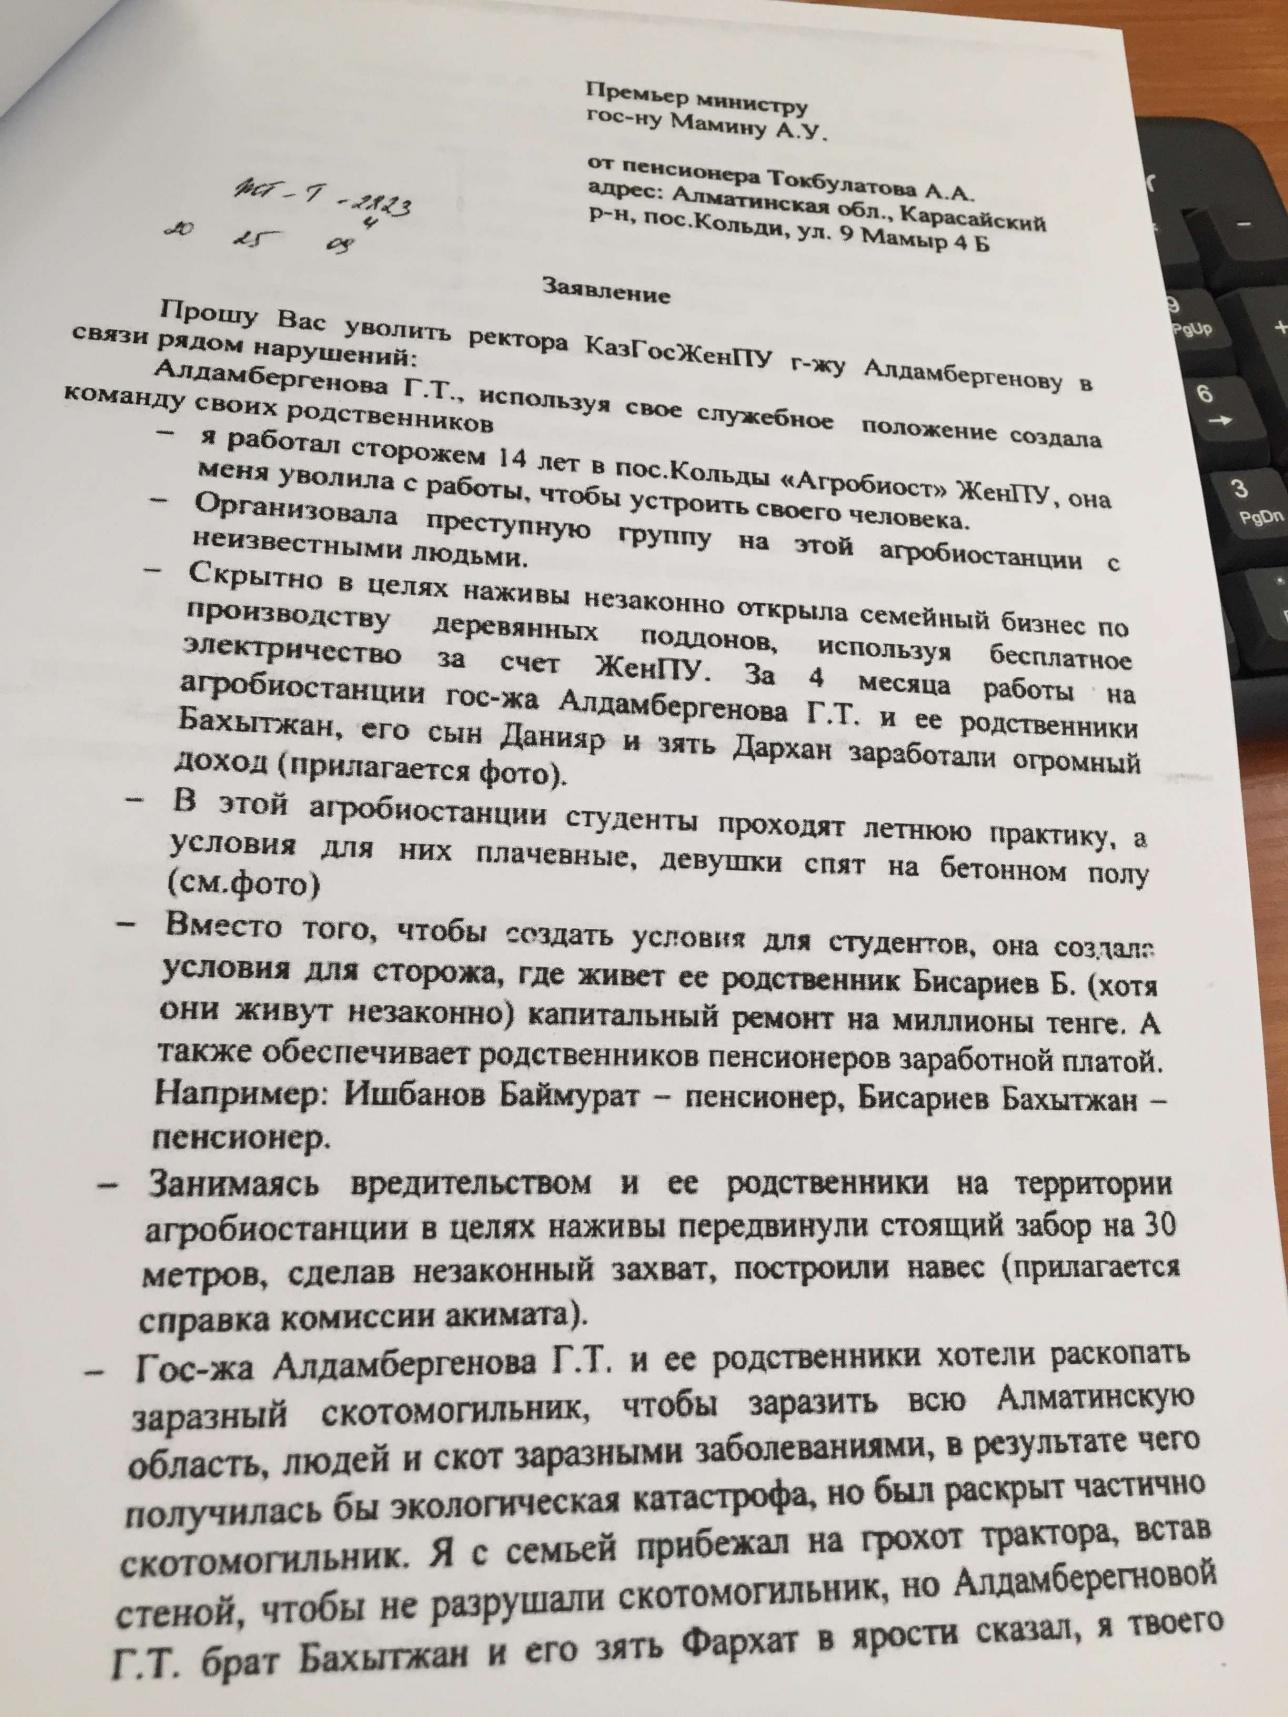 Заявление Актуйгына Токбулатова на имя премьер-министра